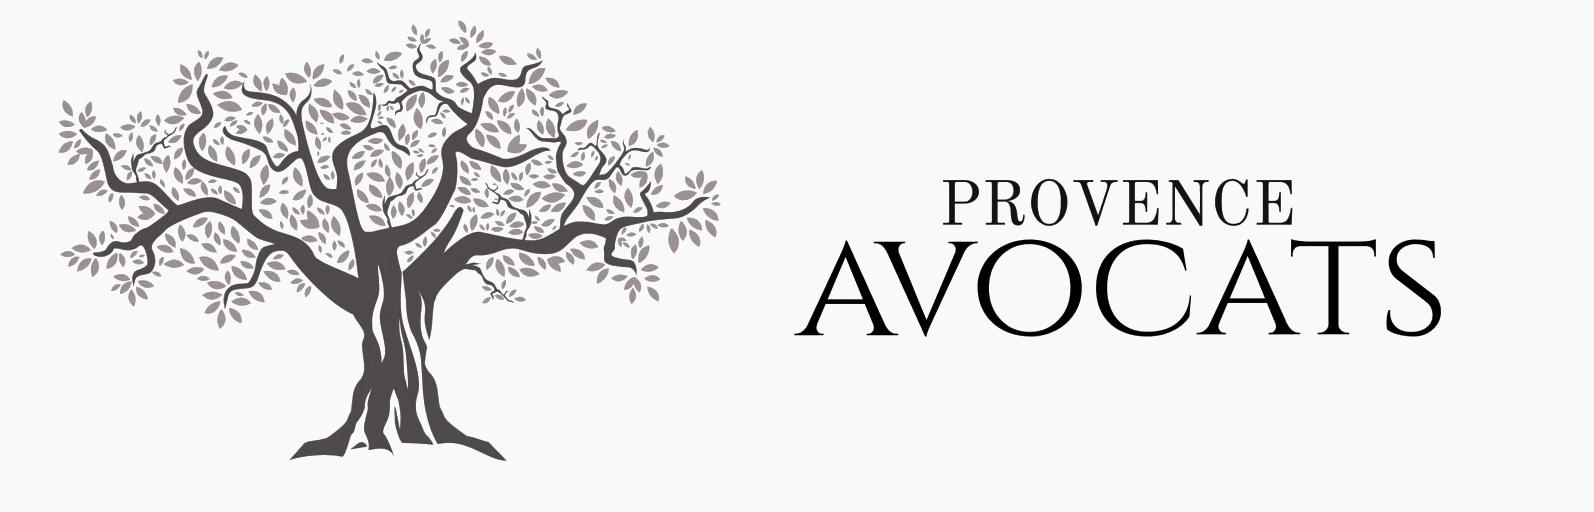 Provence Avocats